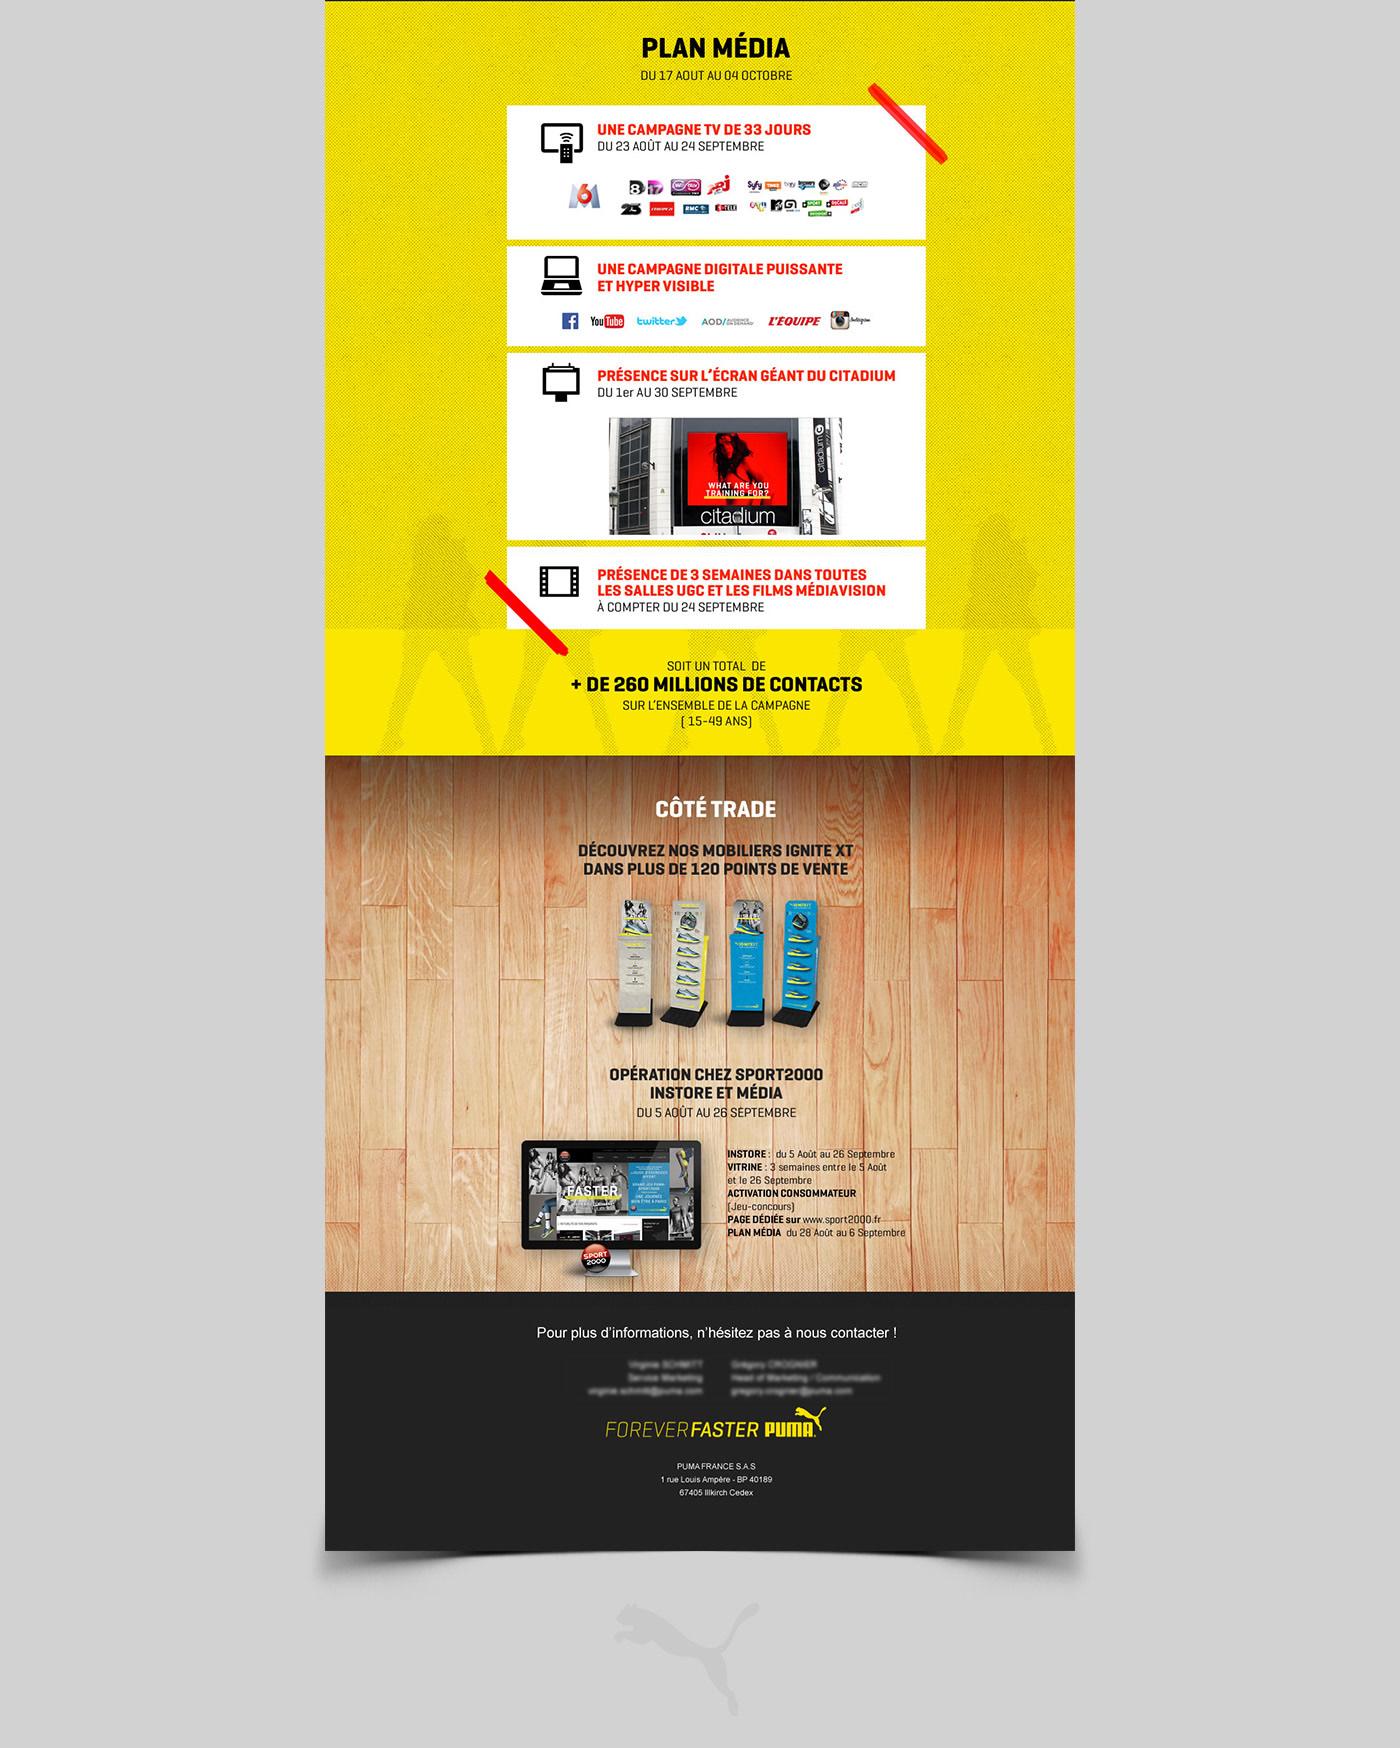 Inactivo Desviar Variante  jean claude werly - PUMA Newsletter